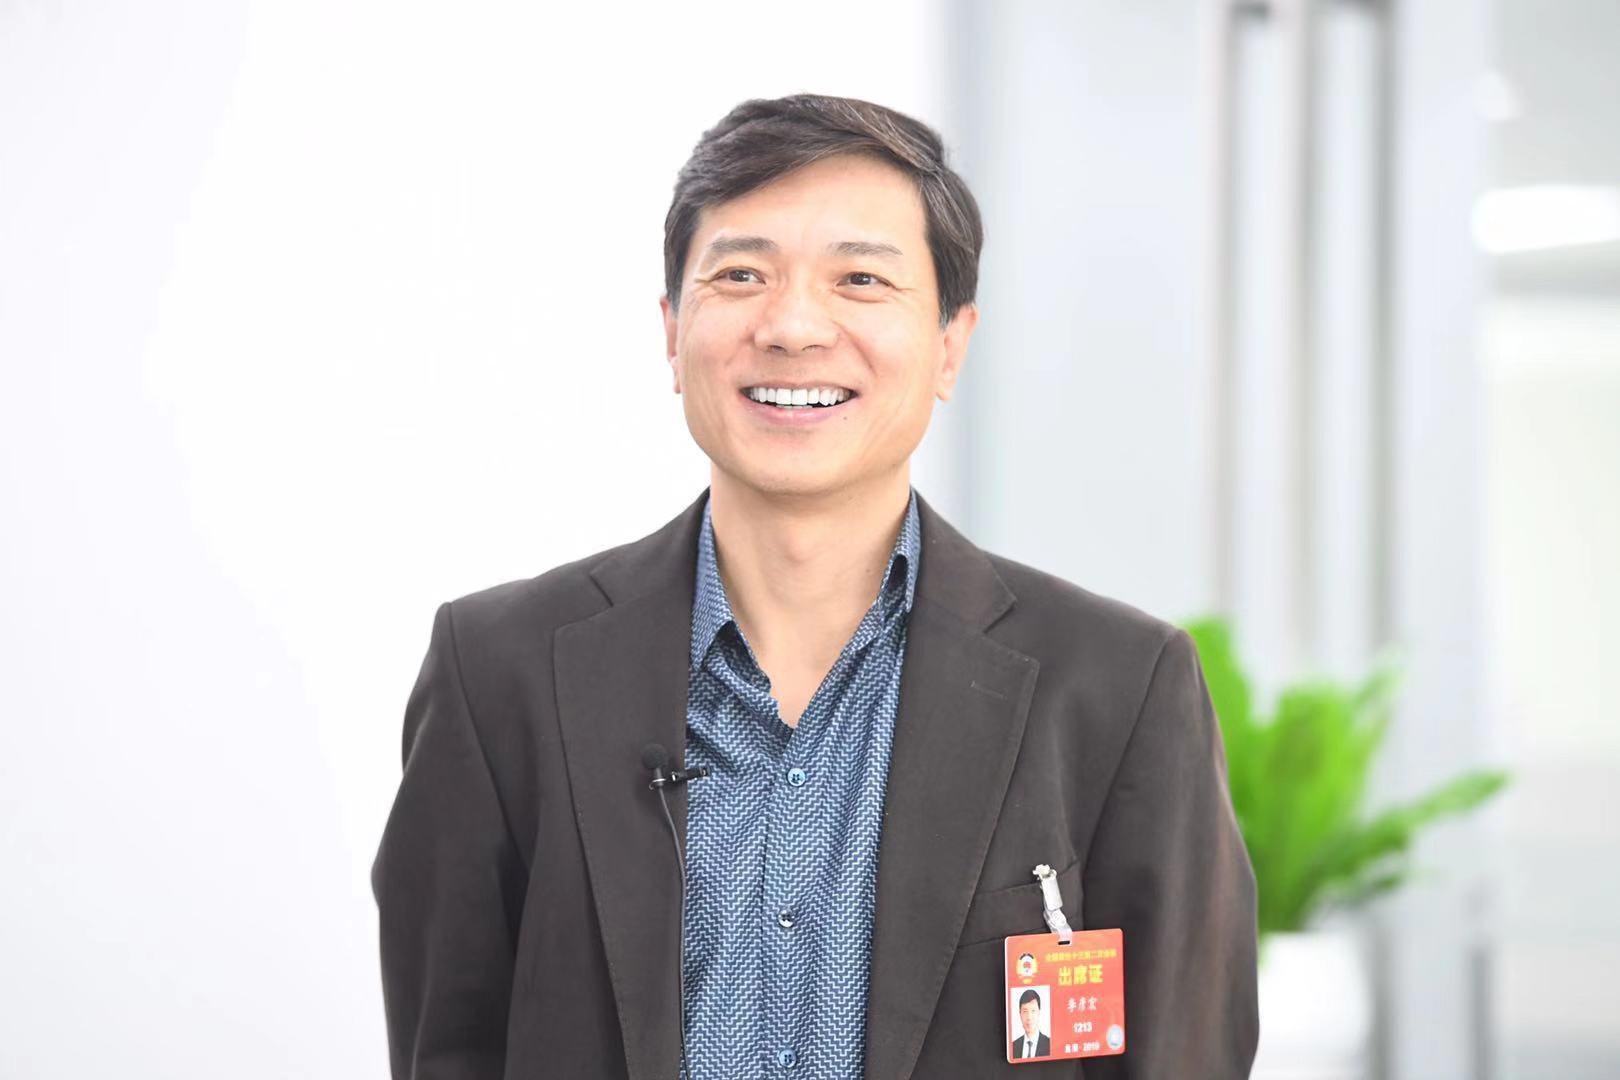 李彦宏:人工智能伦理将是未来智能社会的发